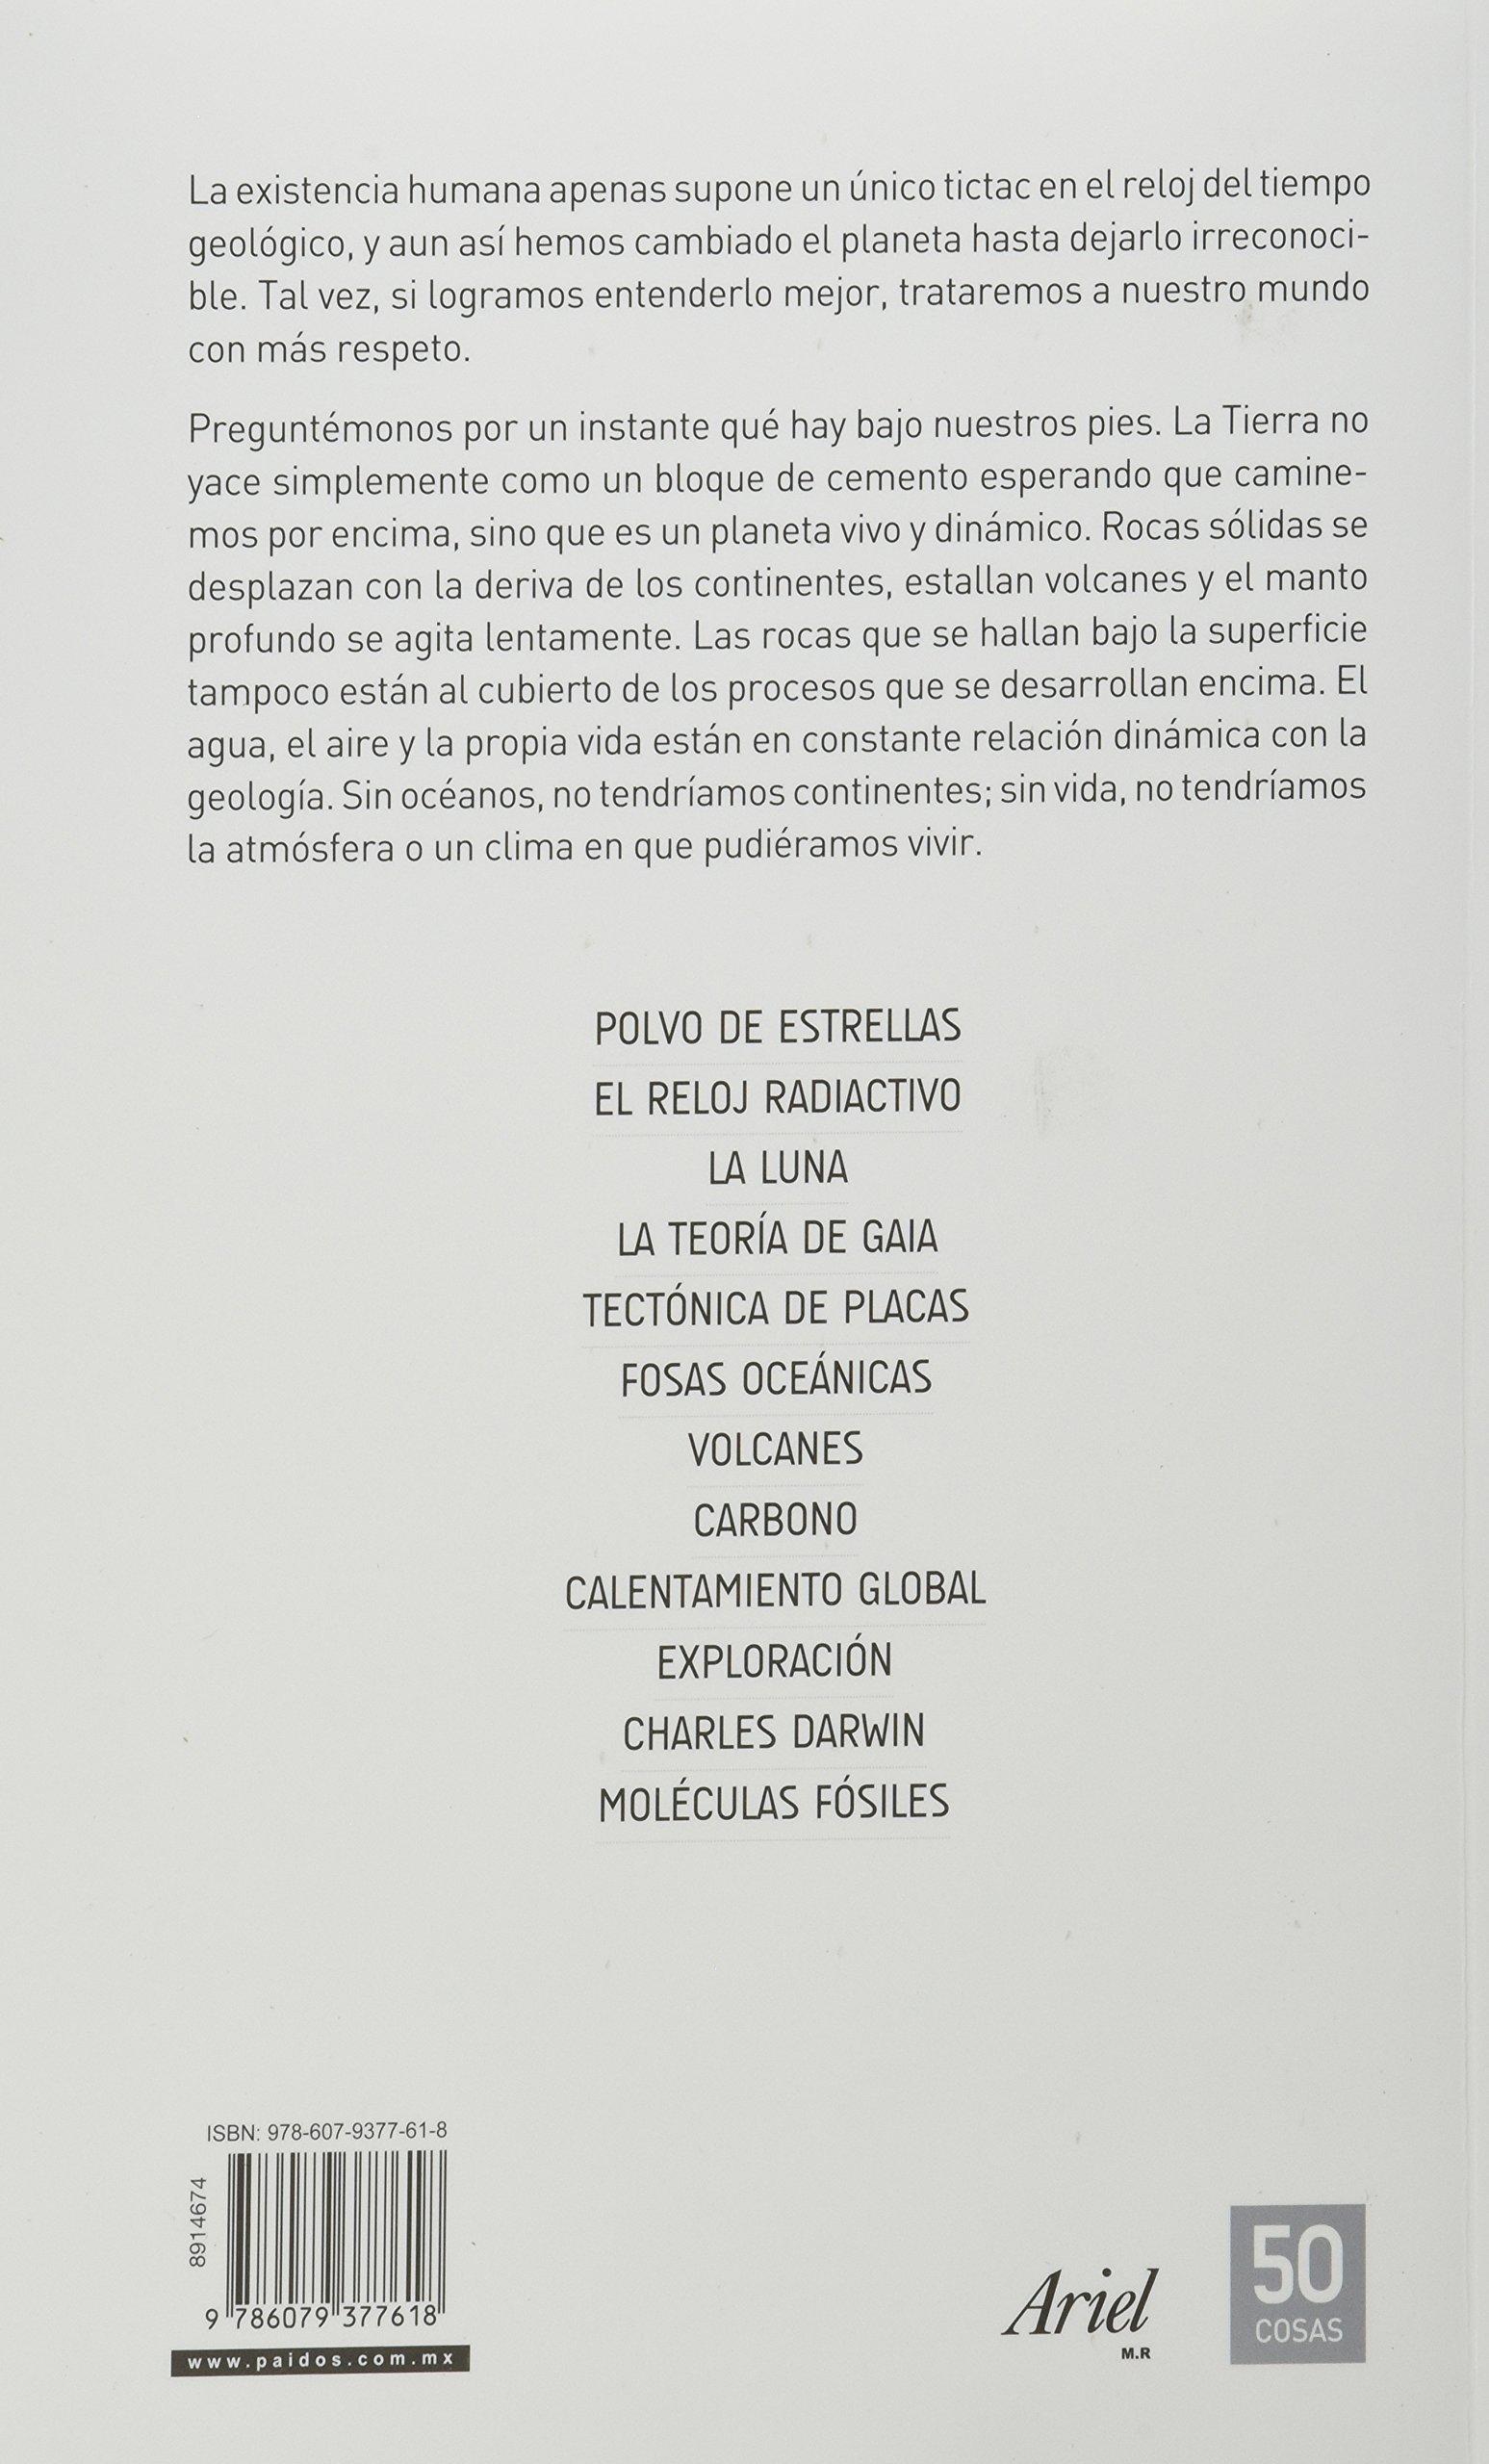 50 cosas que hay que saber sobre la tierra (Spanish Edition): Martin Redfern: 9786079377618: Amazon.com: Books